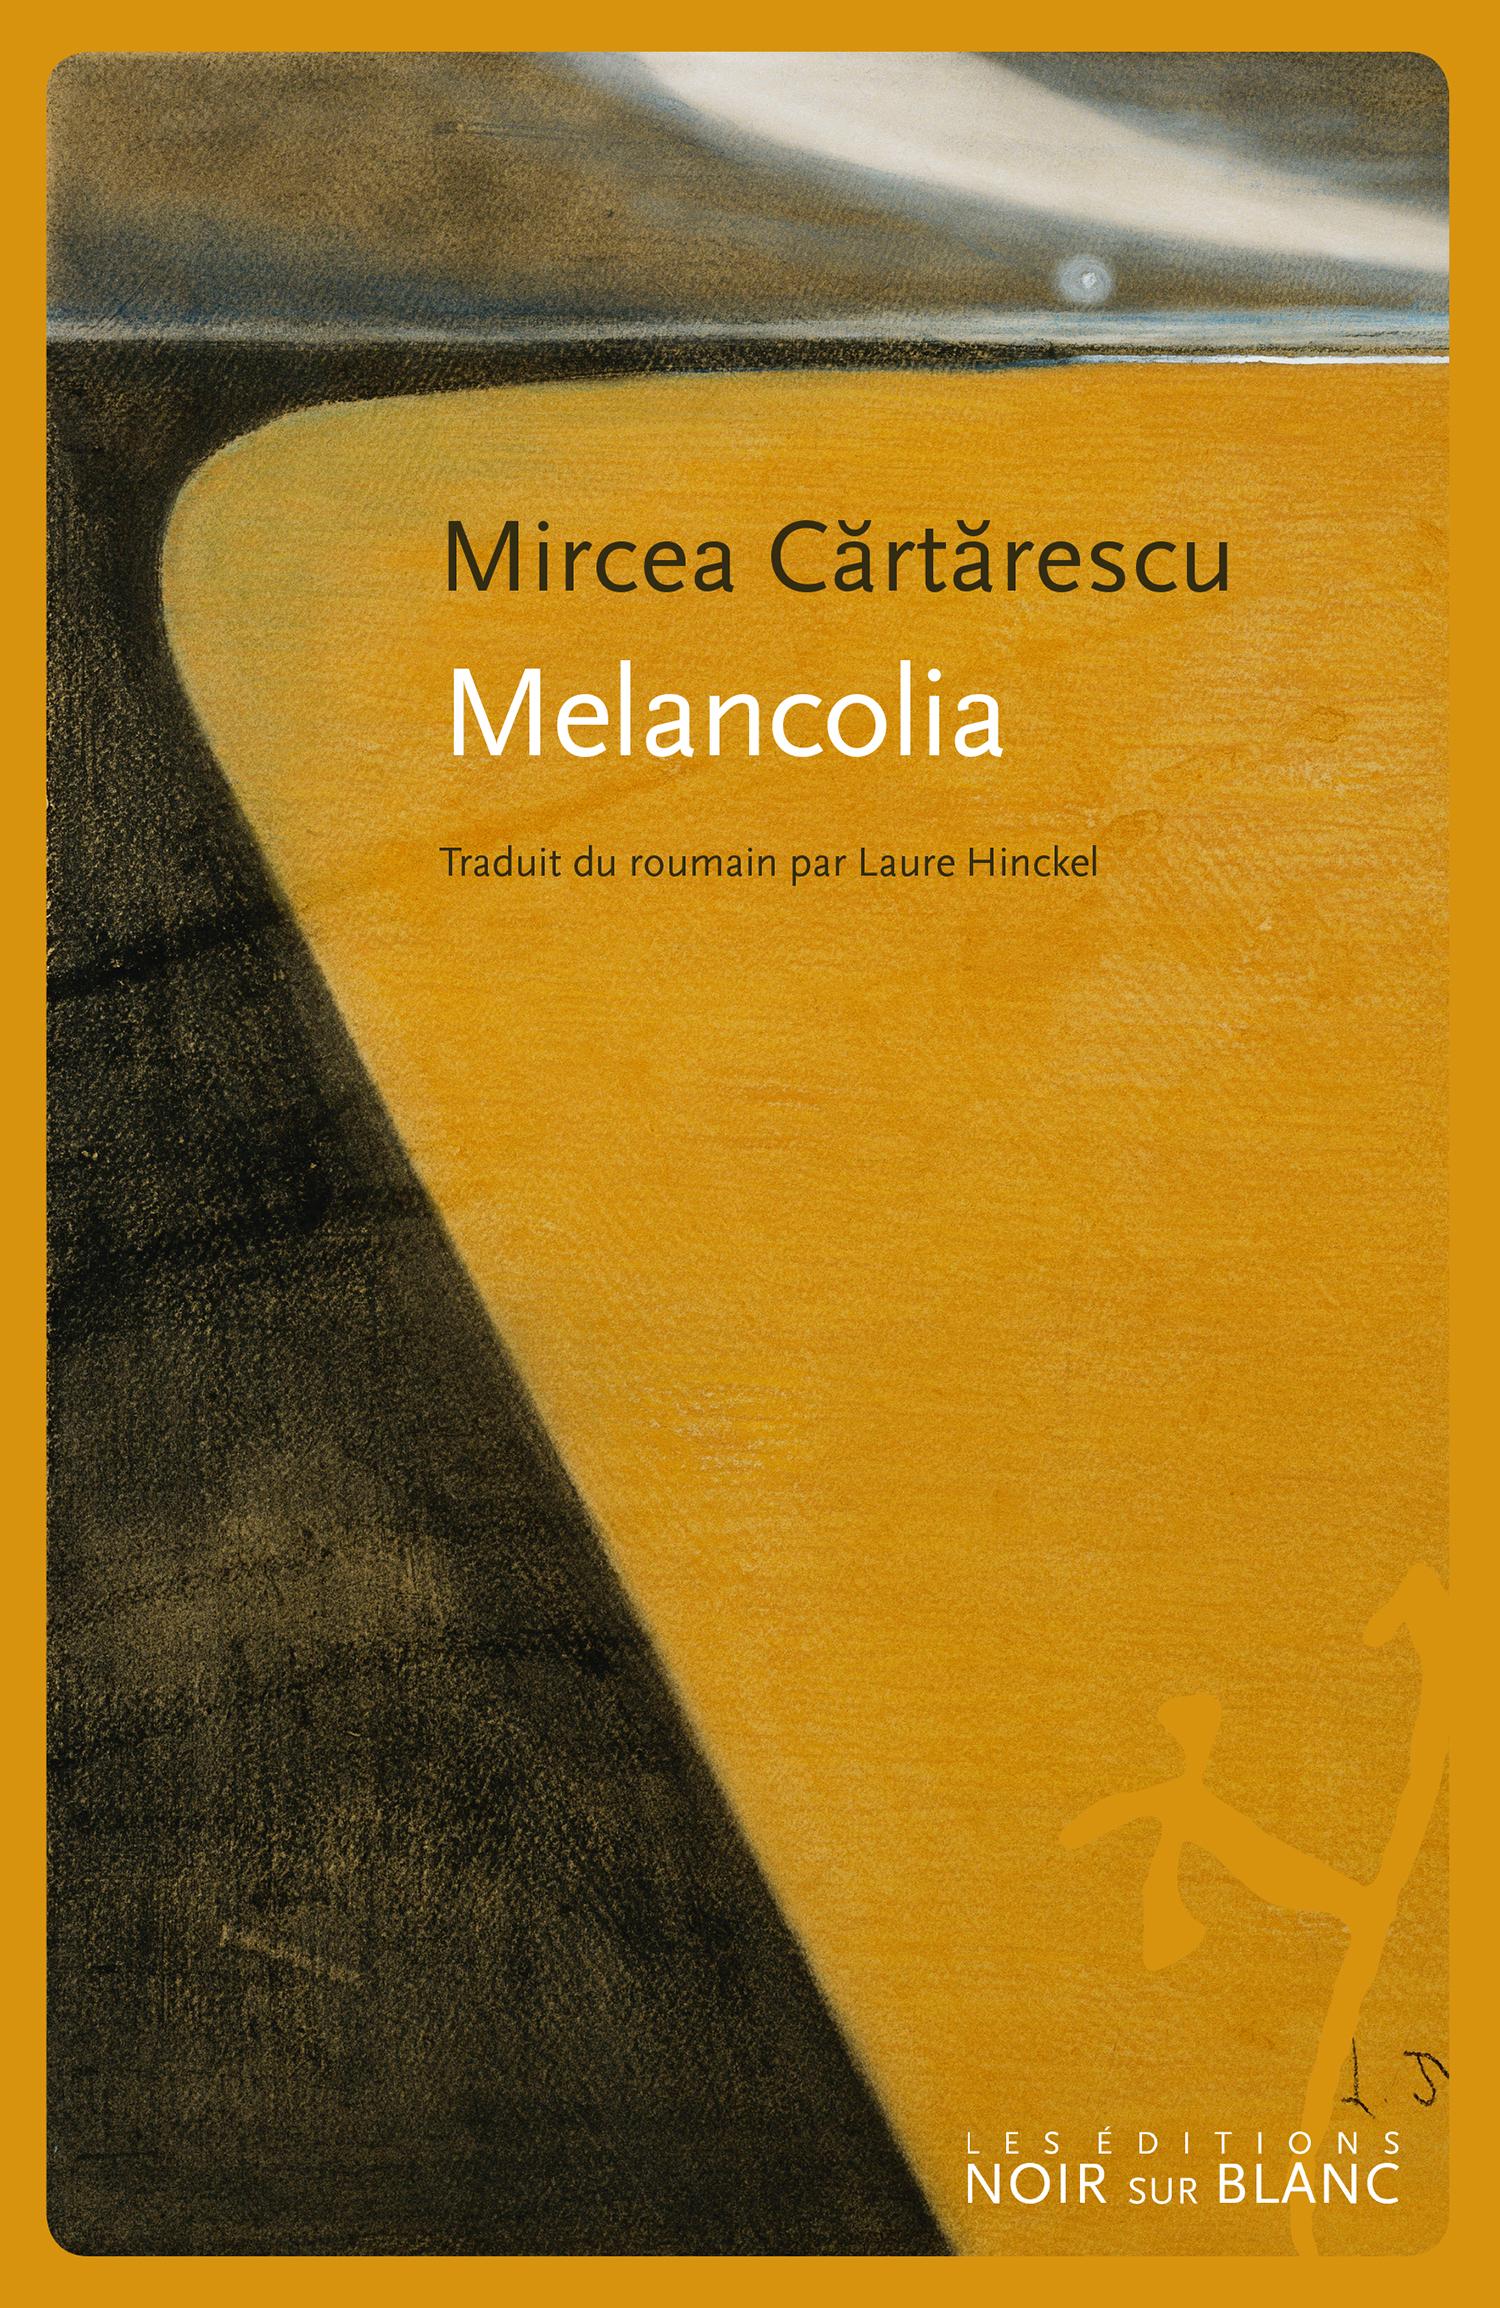 Vignette du livre Melancolia